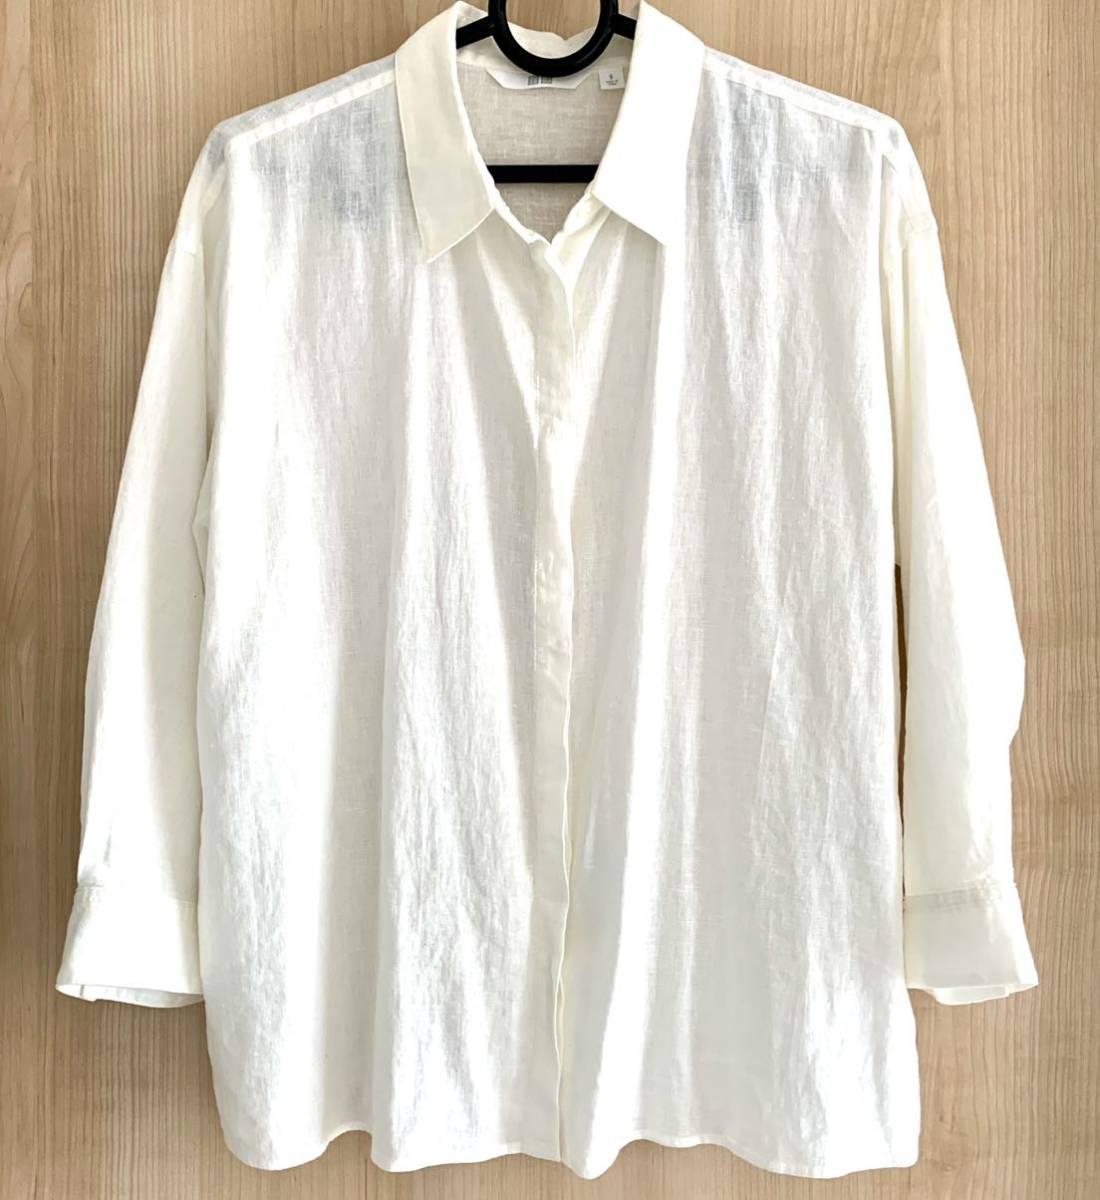 ユニクロ リネンブレンドシャツ 白 ホワイト_画像1